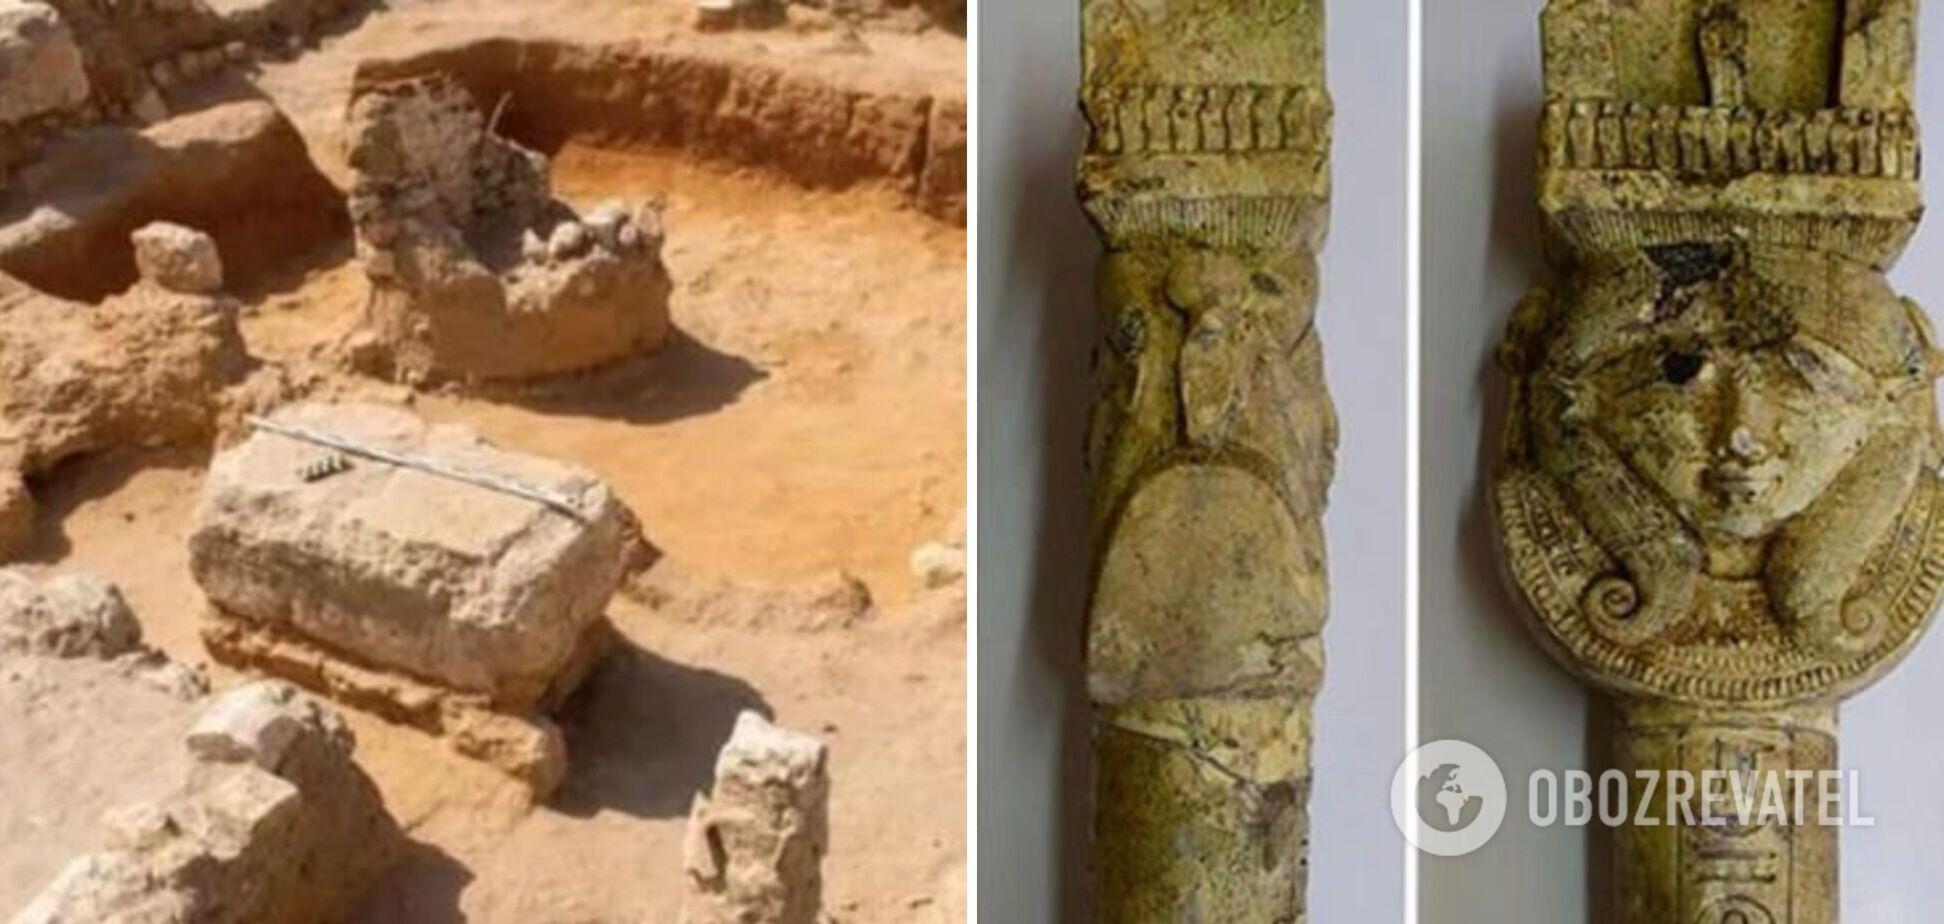 Археологи обнаружили в Египте ритуальные инструменты и золотой глаз. Фото